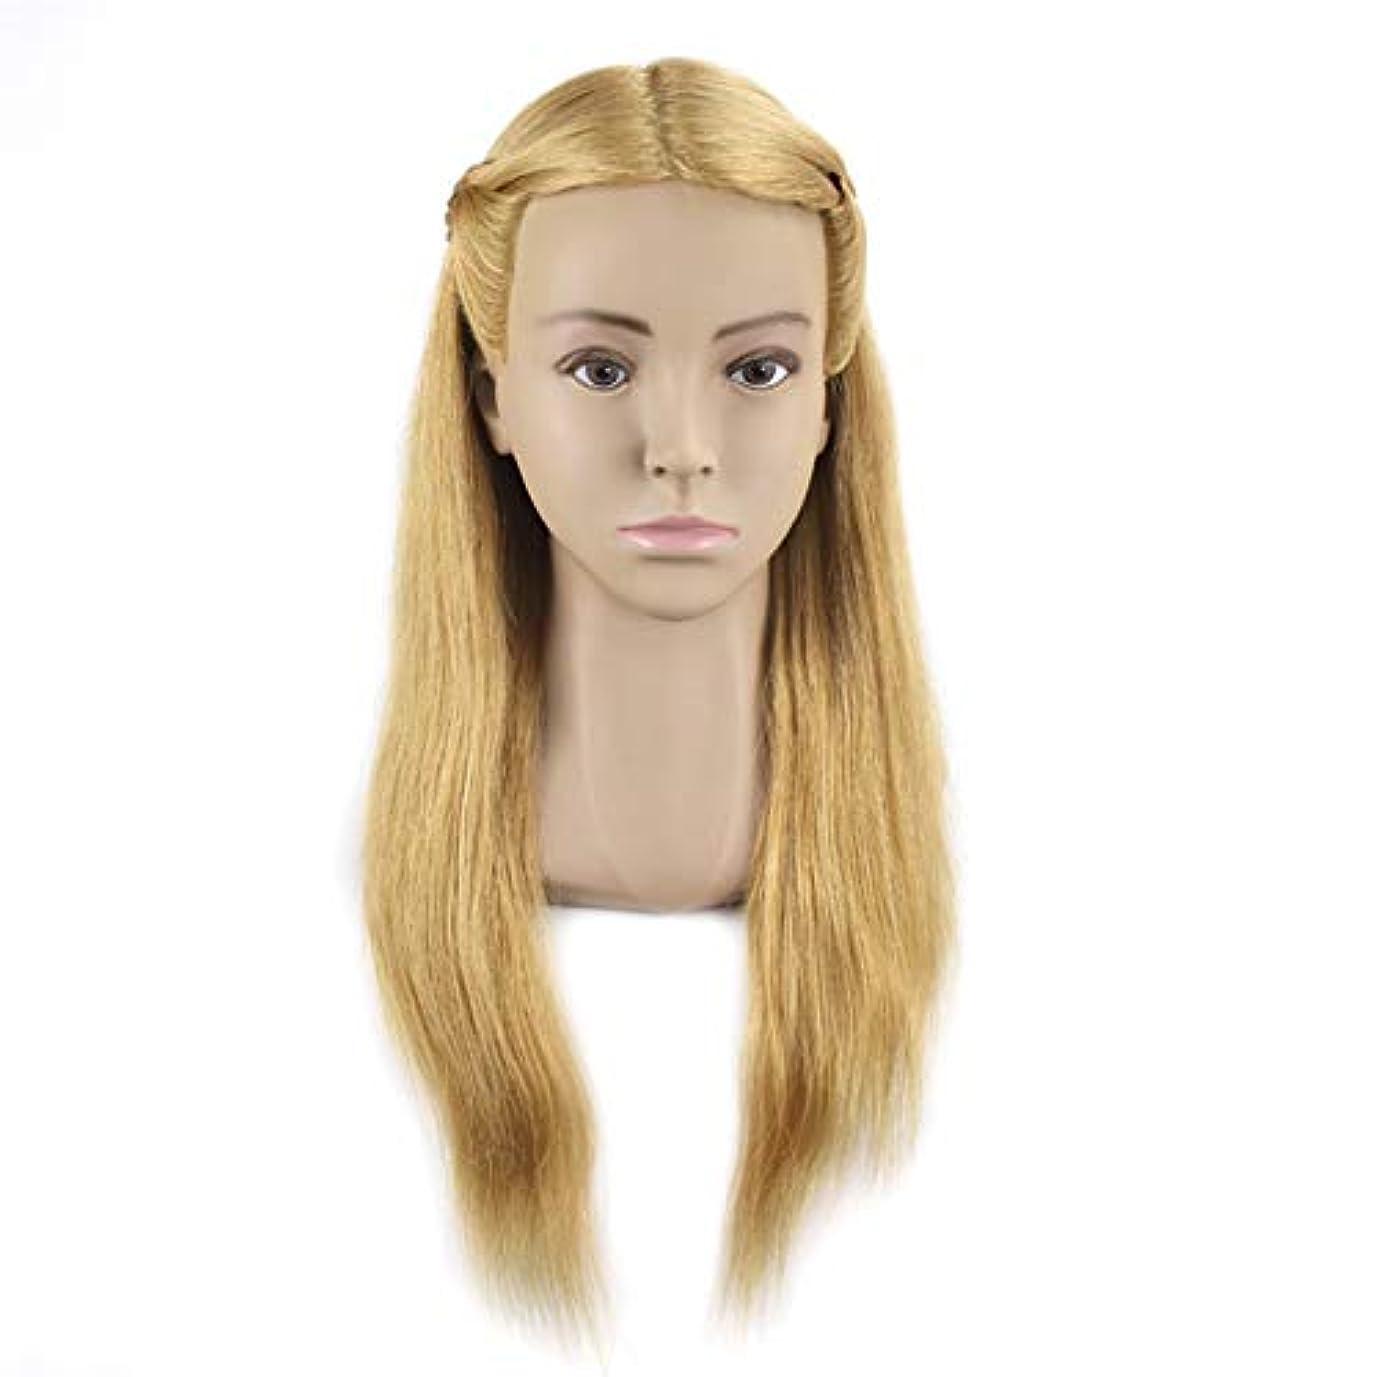 考慮北極圏豊富な完全な人毛ヘアスタイリングモデルヘッド女性モデルヘッドティーチングヘッド理髪店編組髪染め学習ダミーヘッド